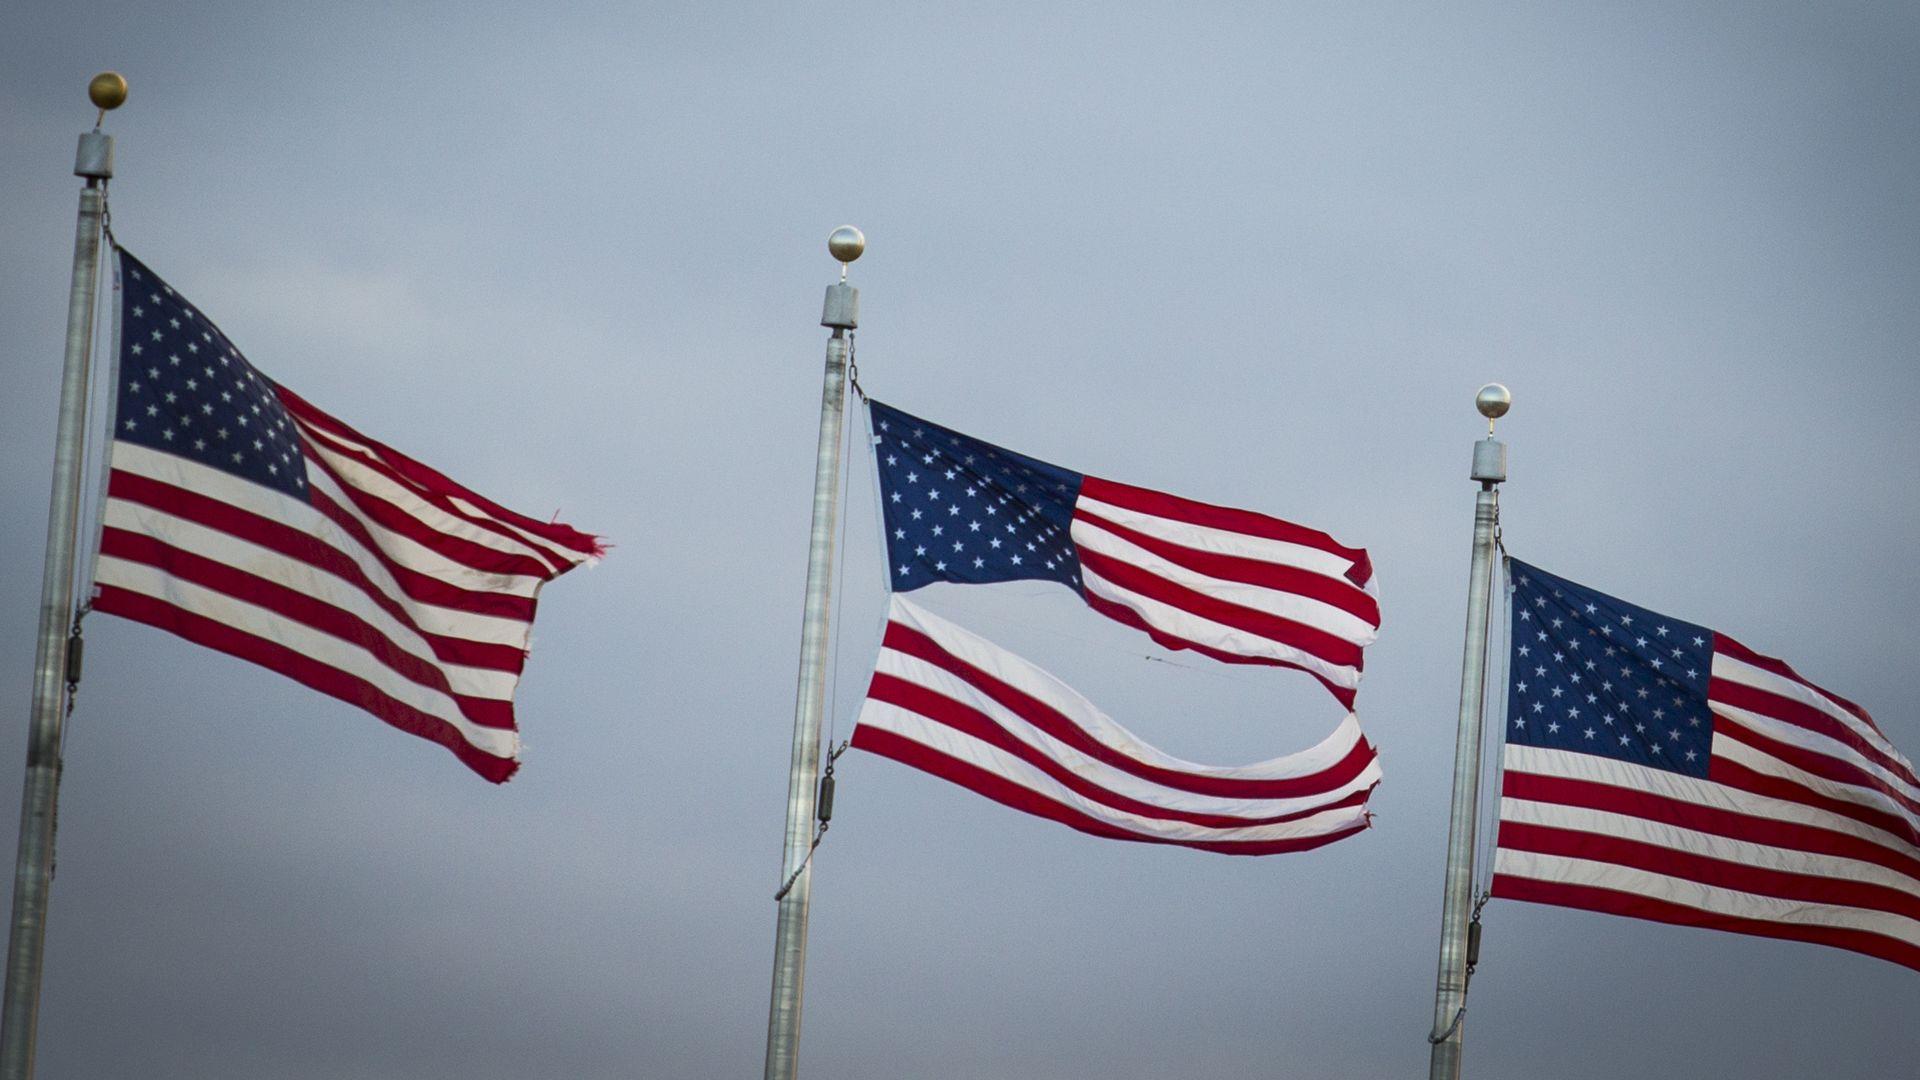 A torn American flag.